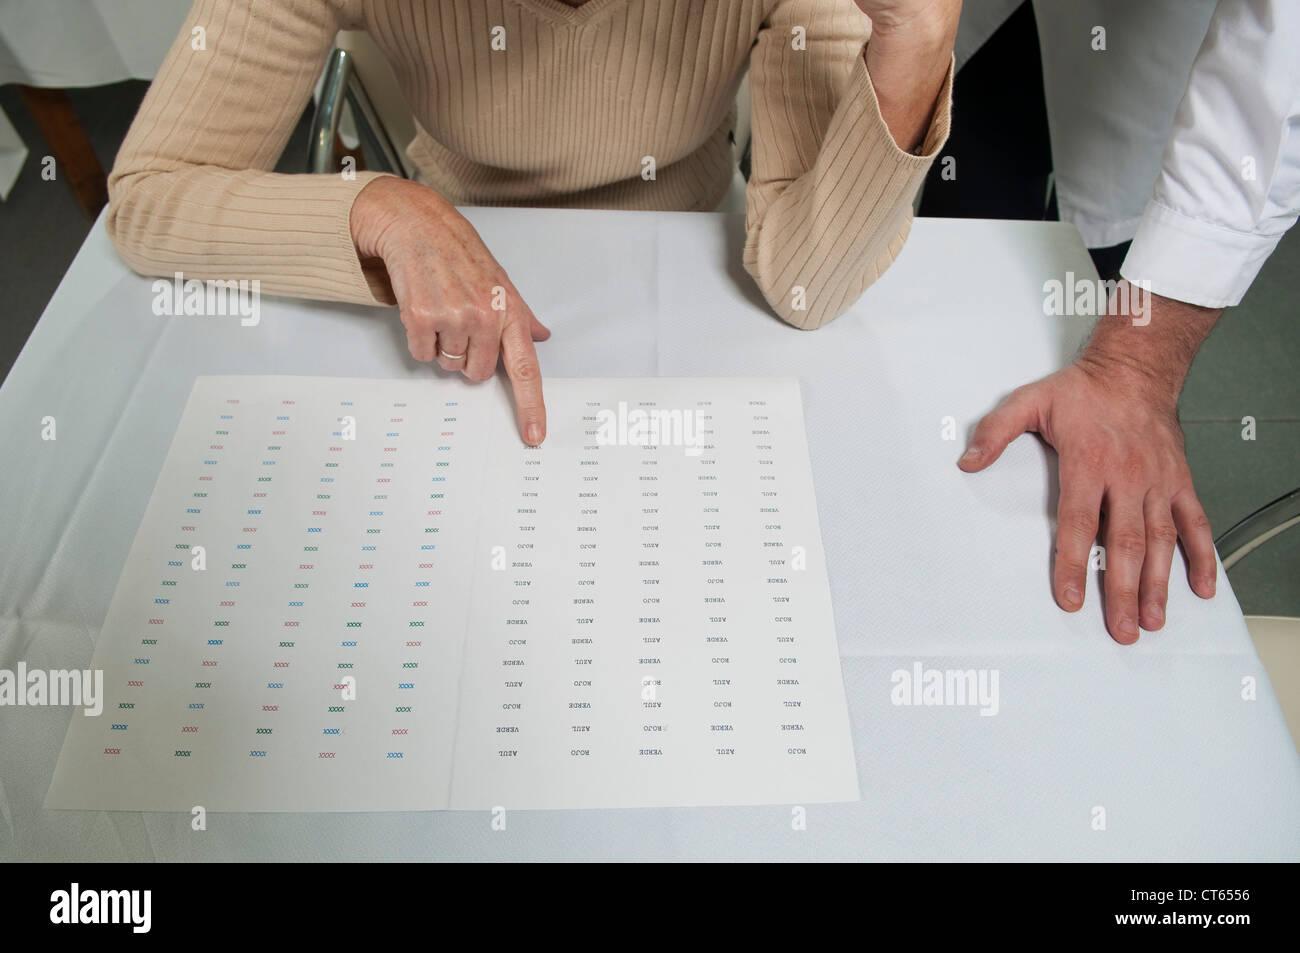 TESTING FOR ALZHEIMER'S DISEASE - Stock Image